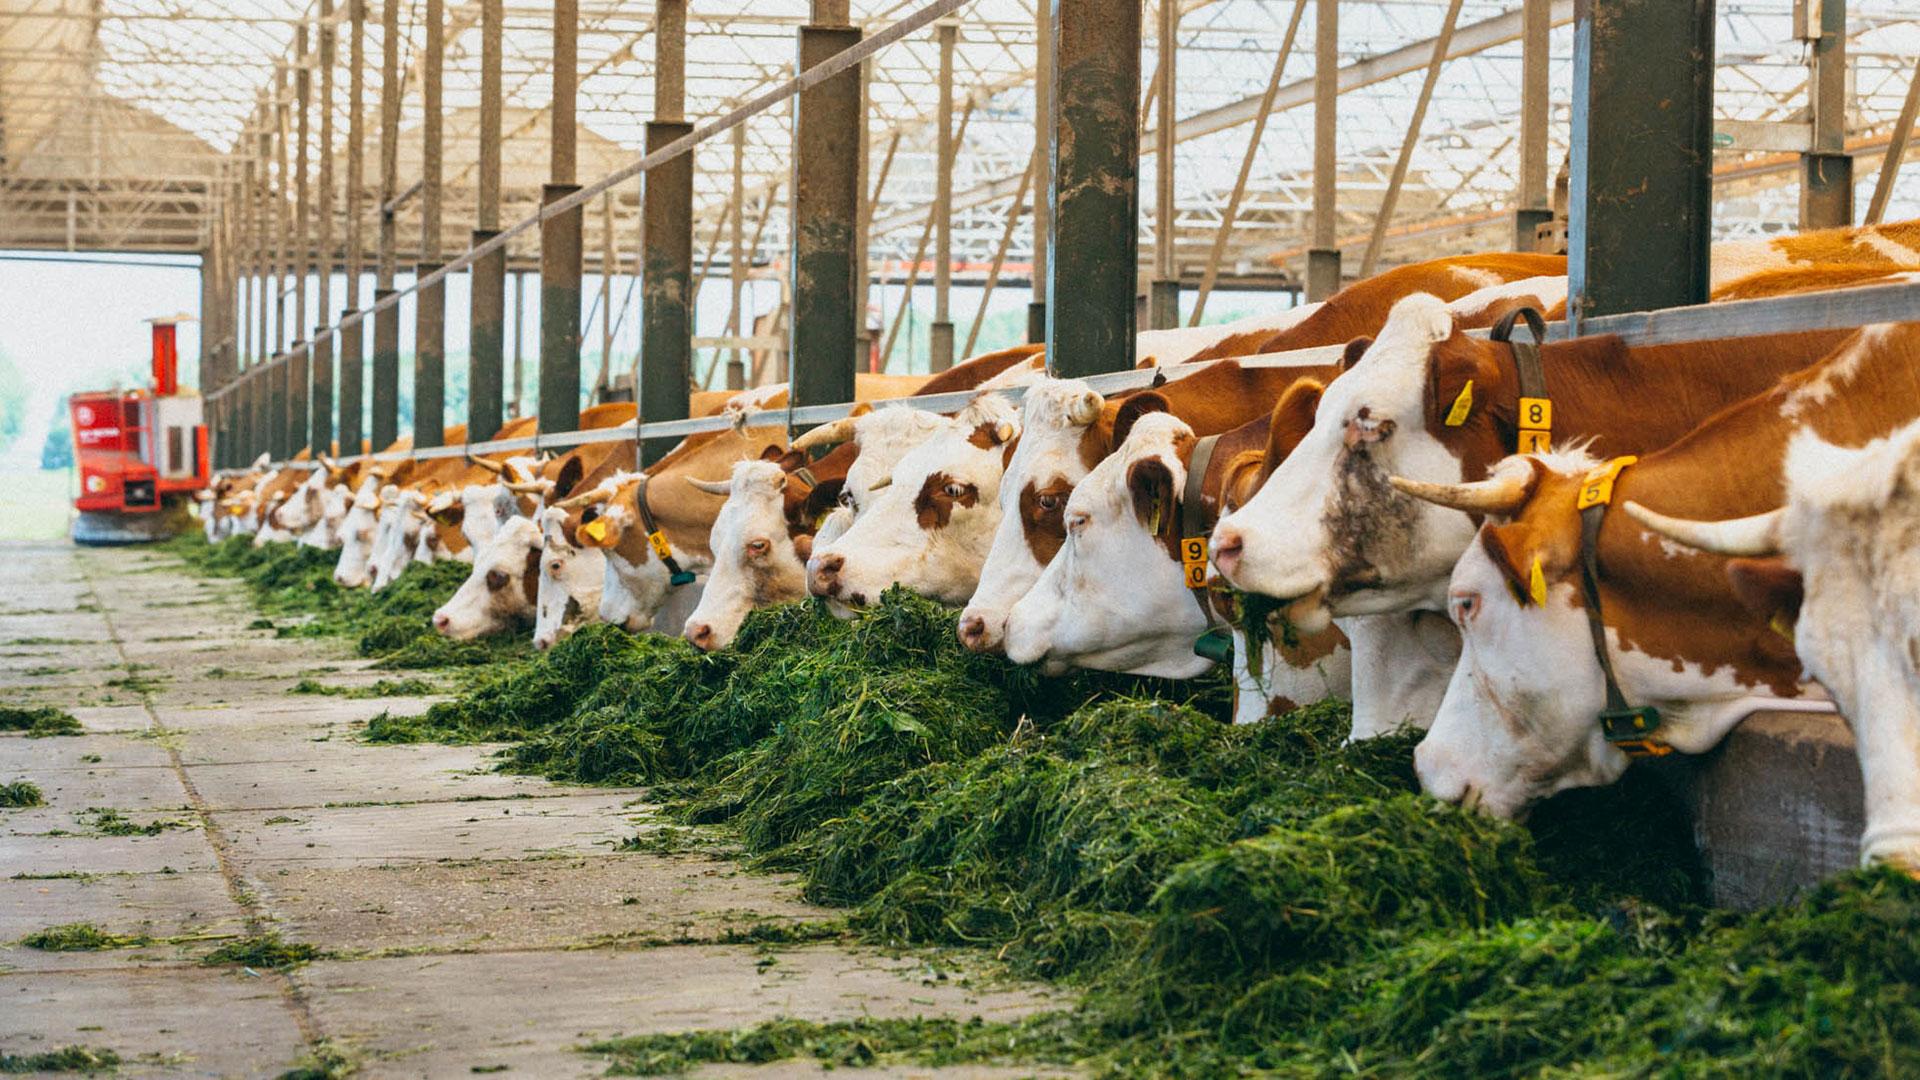 koeien in de open stal van Hoeve Biesland in Midden-Delfland